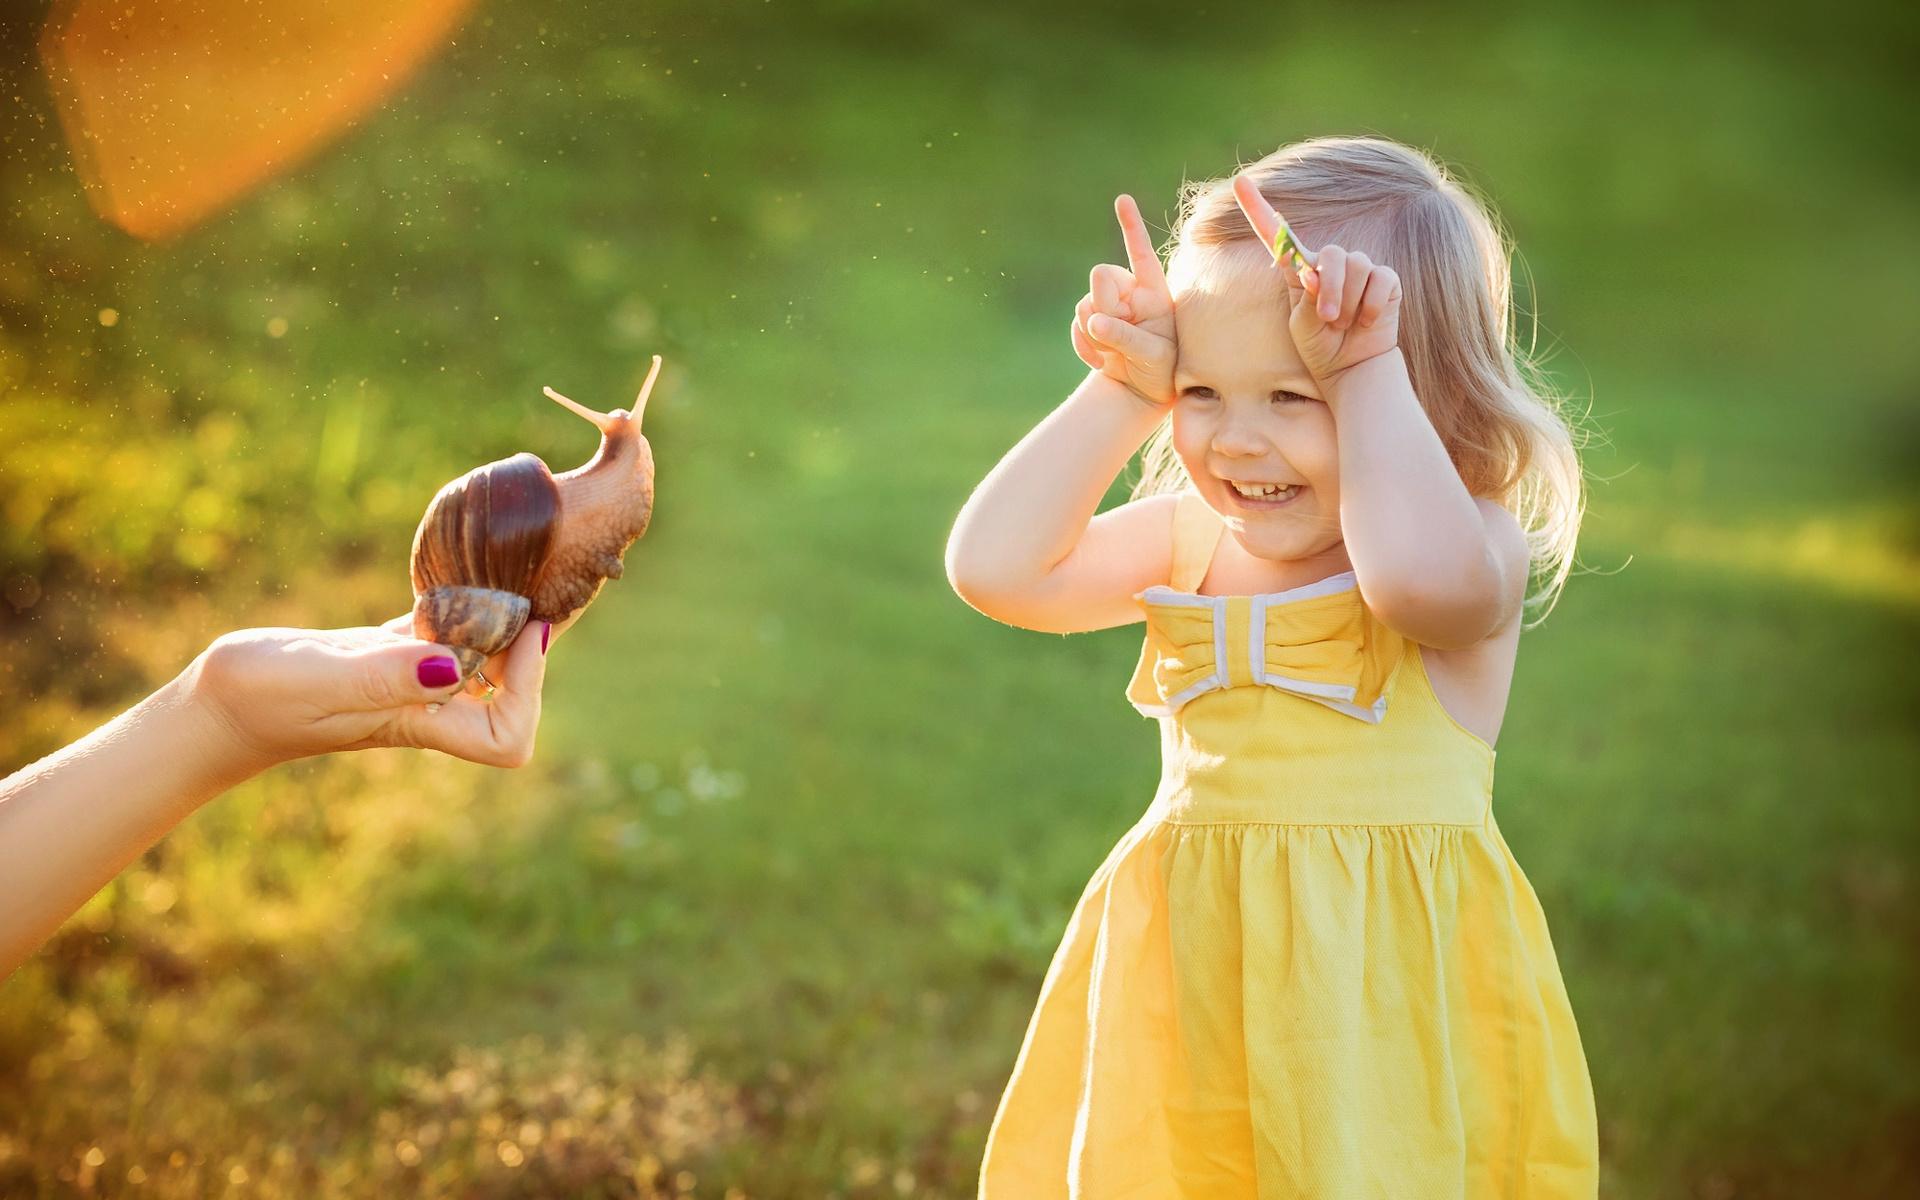 Счастья всем смешные картинки